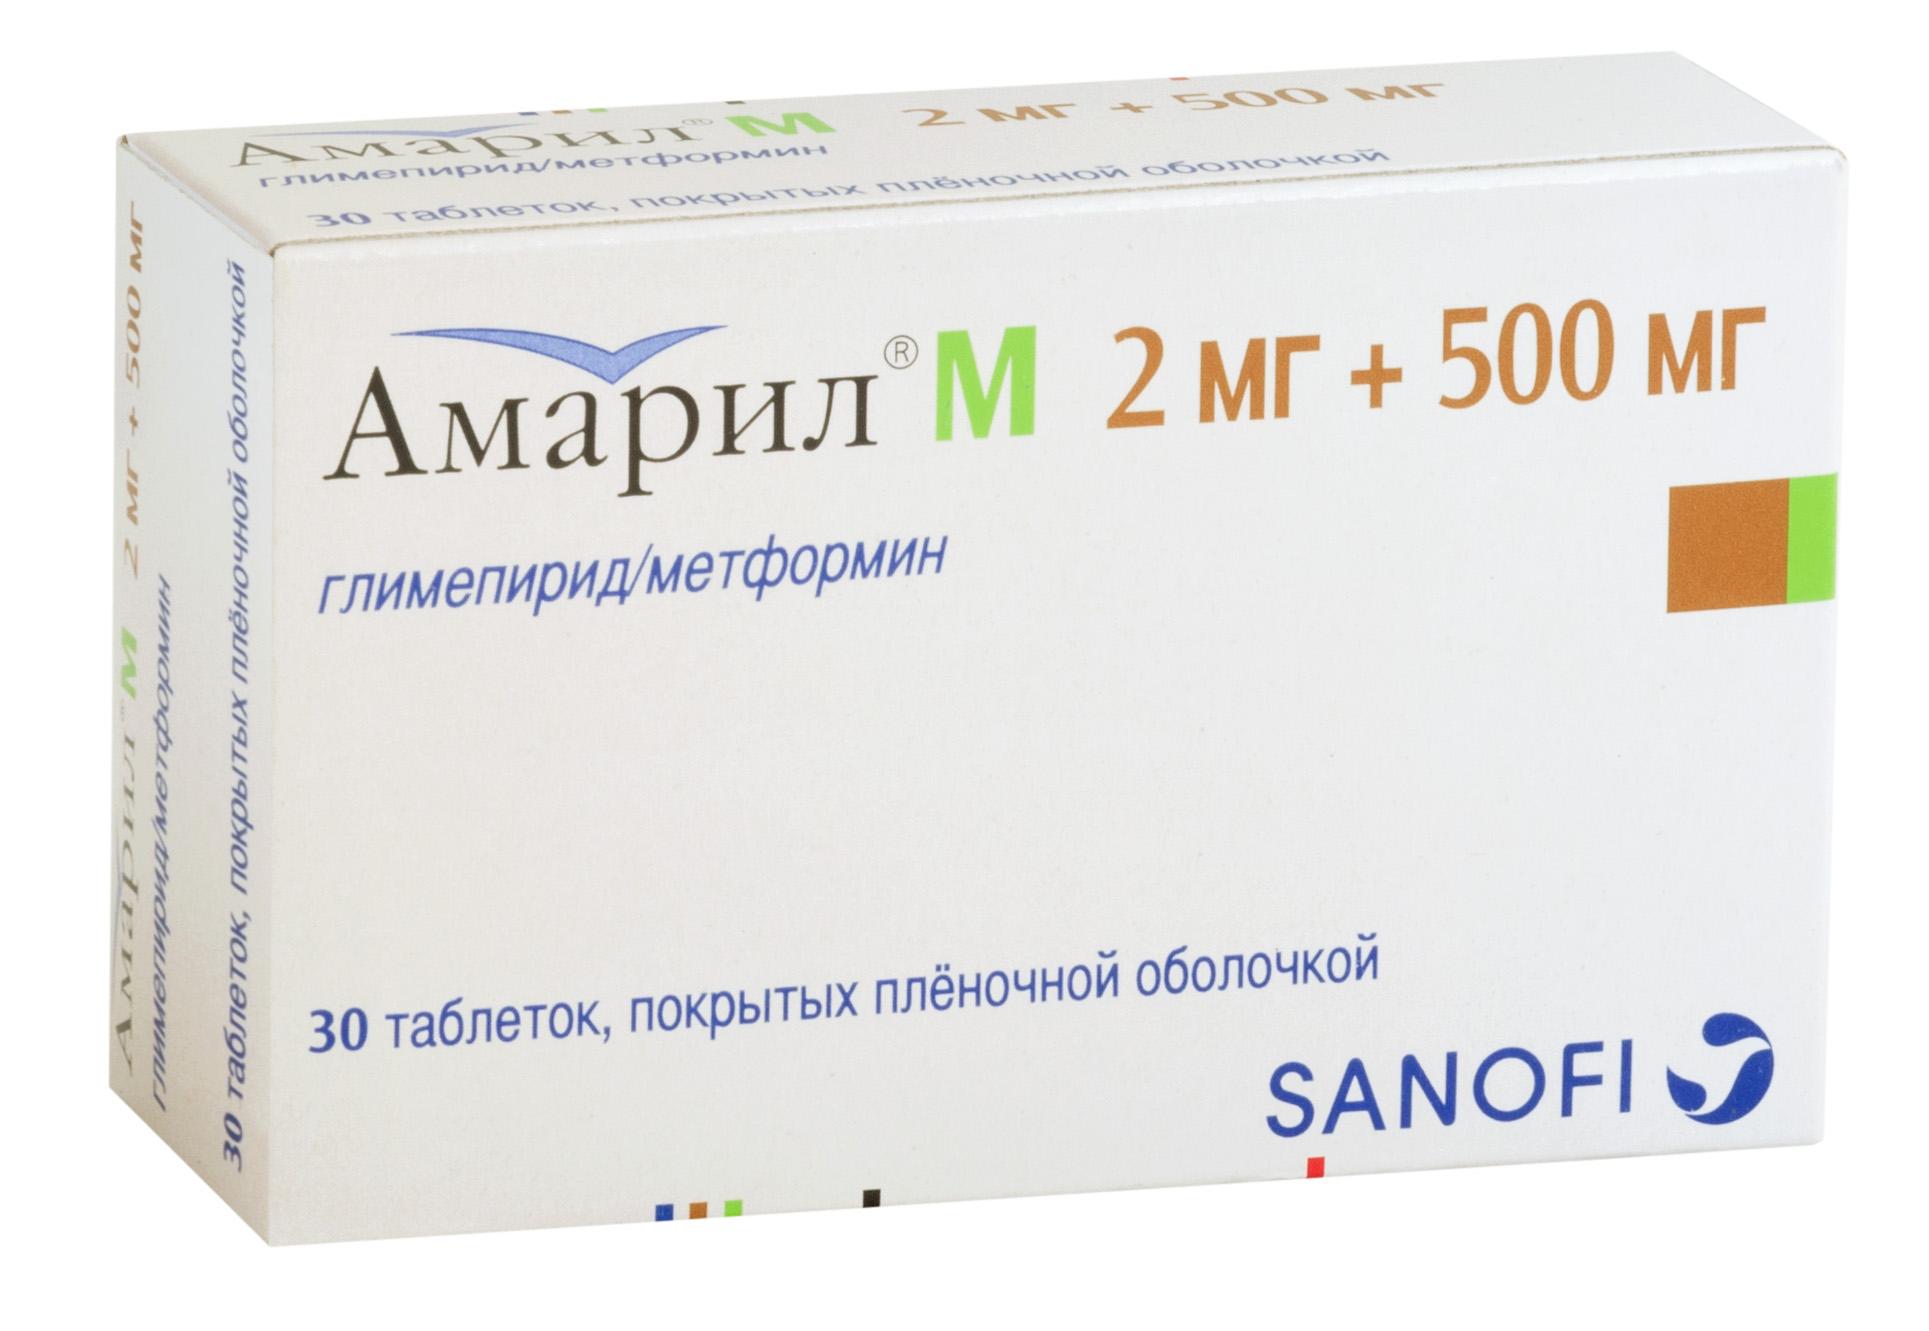 Амарил м таб. п.п.о. 2мг+500мг n30